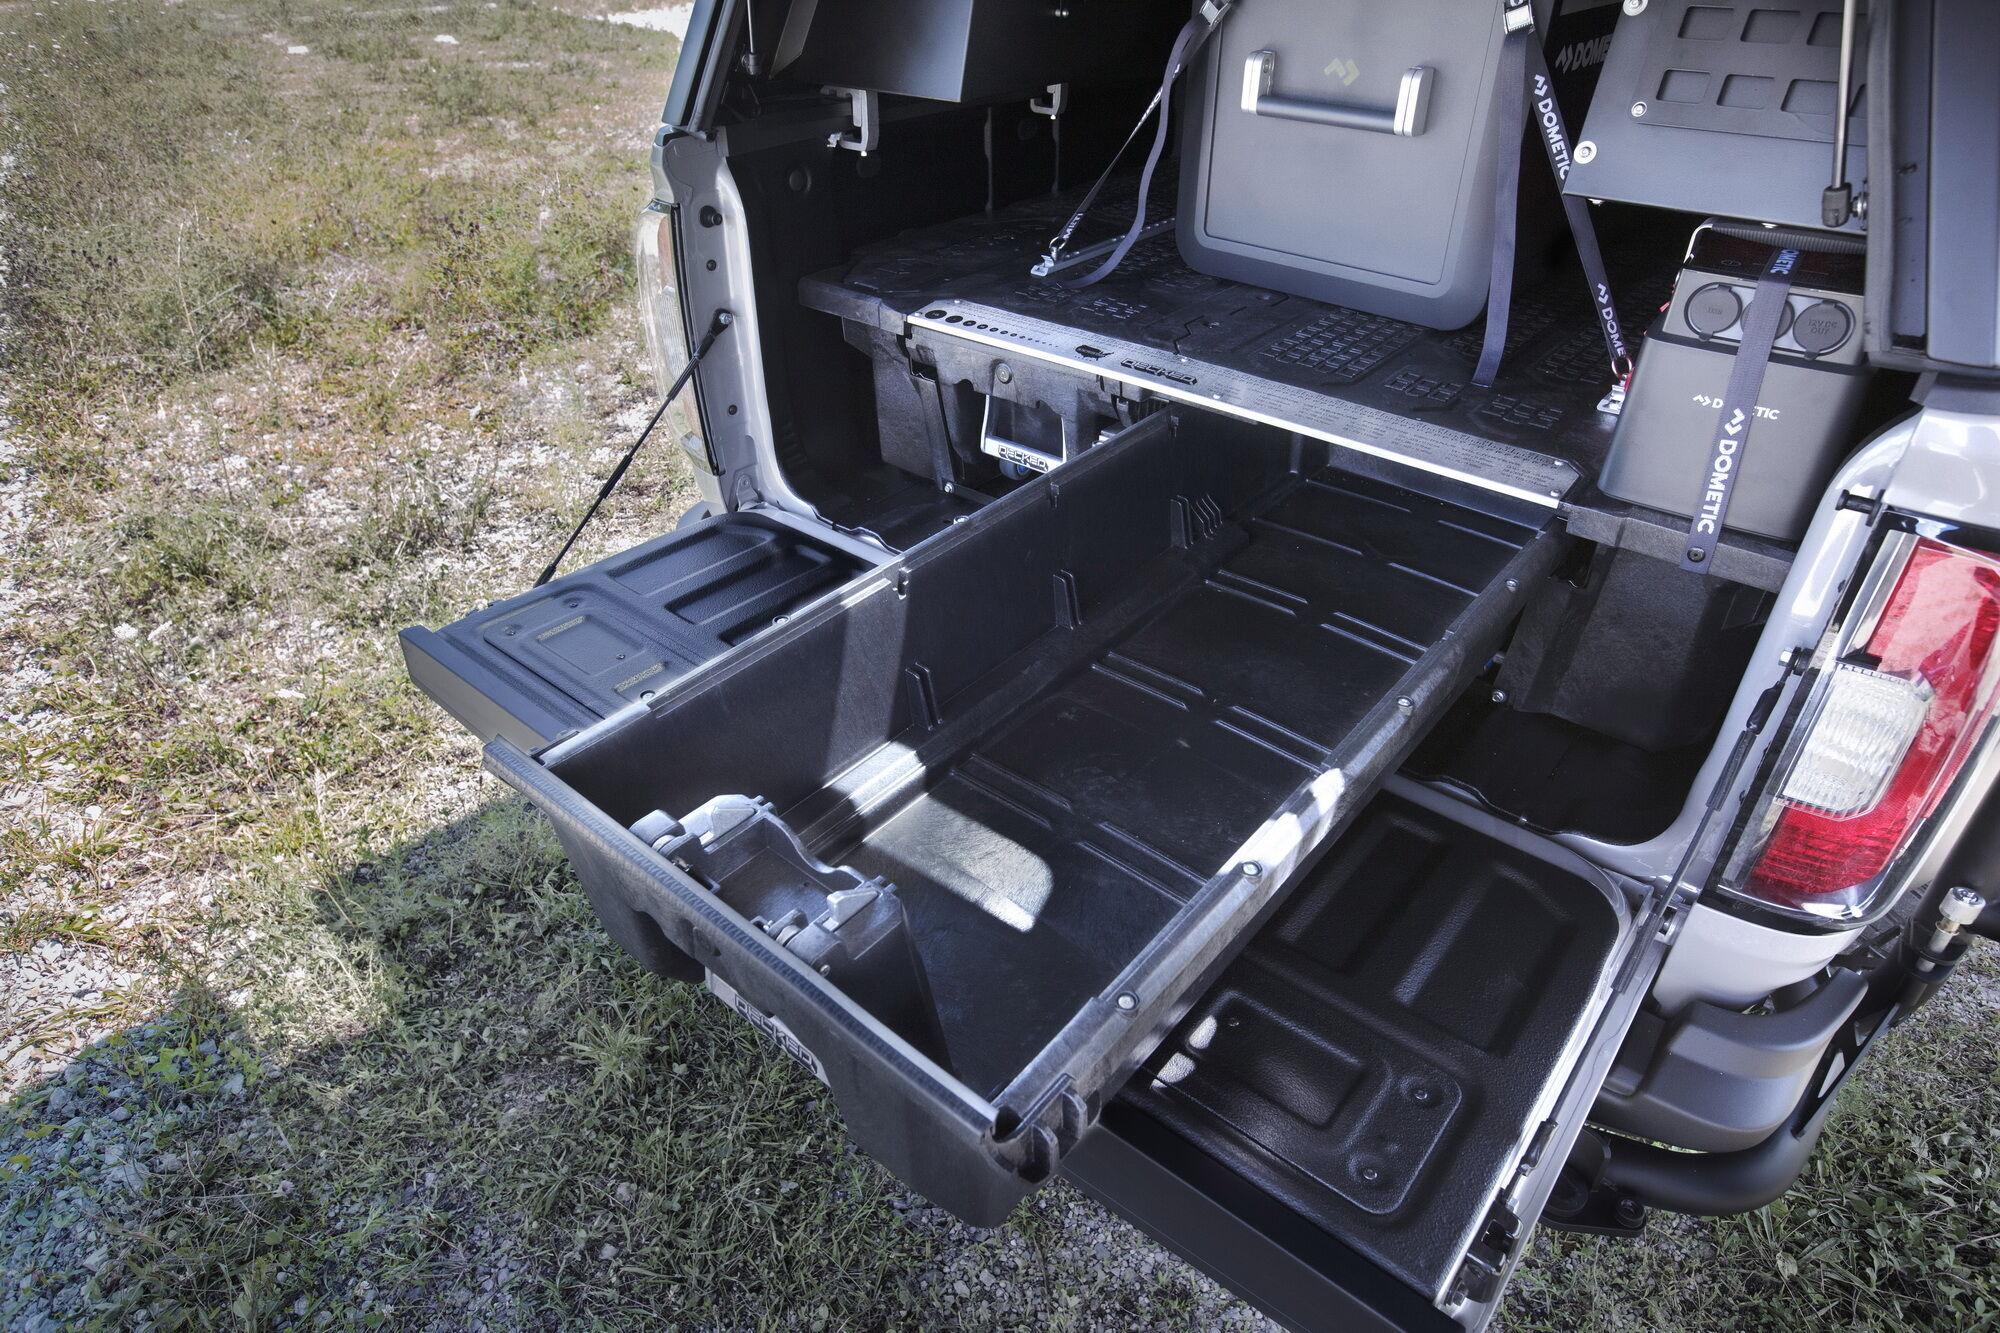 Надстройка над грузовой платформой позволяет вместить широкий ассортимент аксессуаров и инвентаря